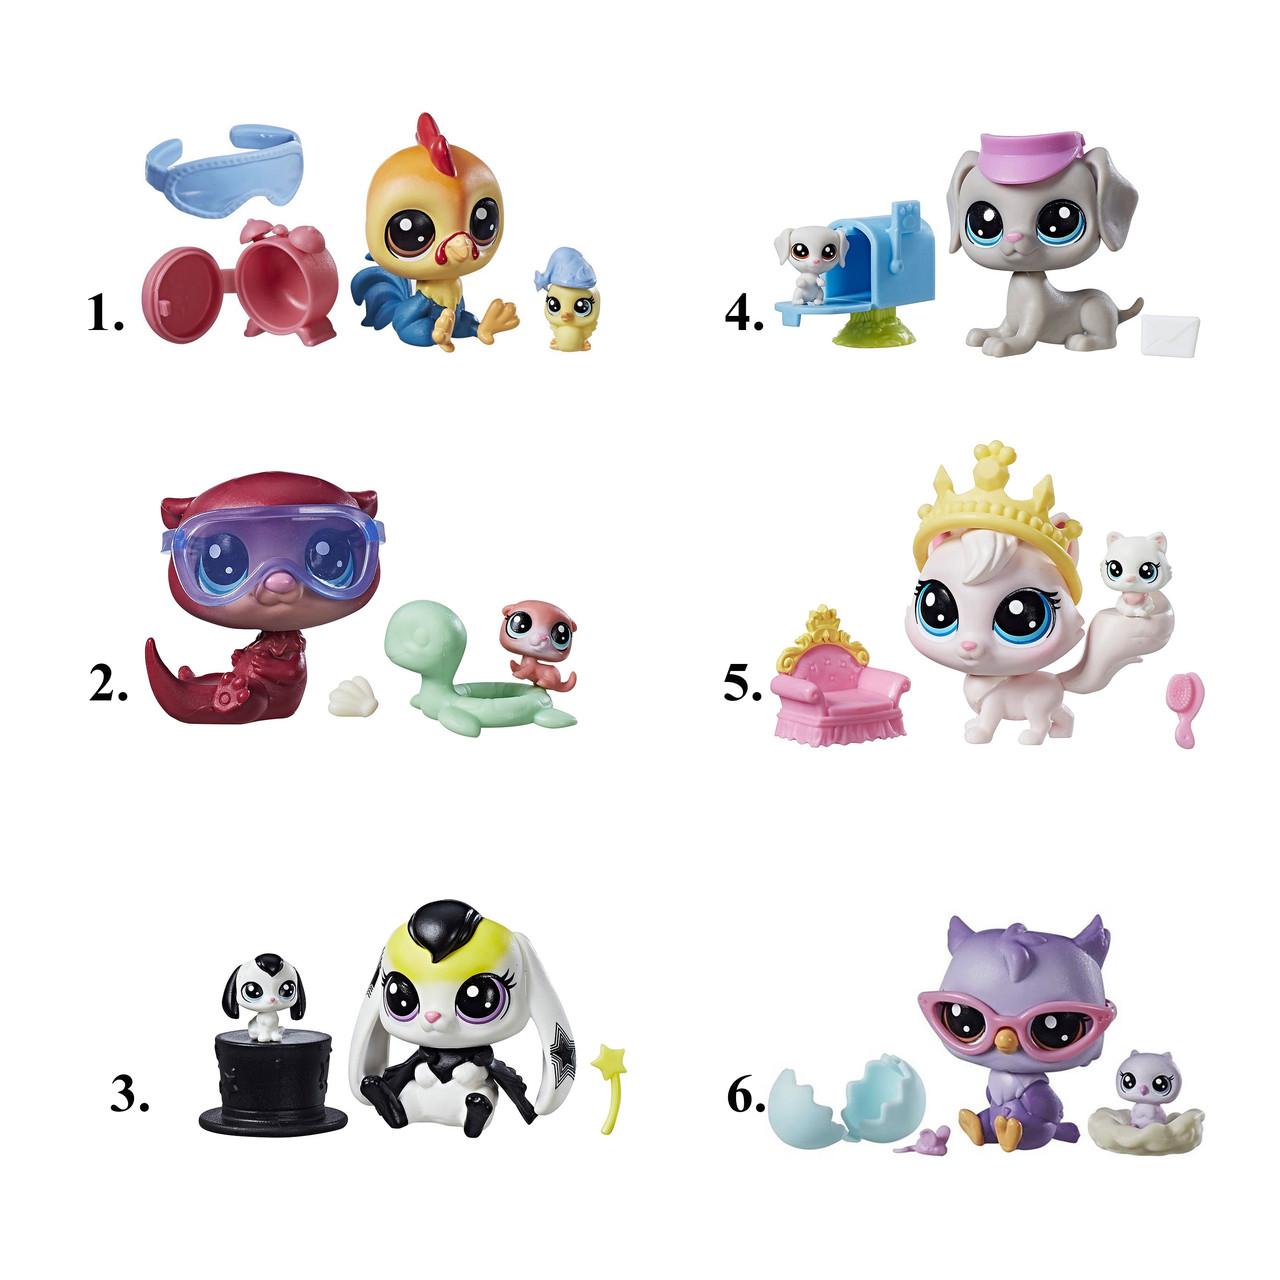 """Hasbro Littlest Pet Shop Набор из 2 фигурок """"Литл Пет Шоп"""" - """"Парочки"""" (1 серия)"""